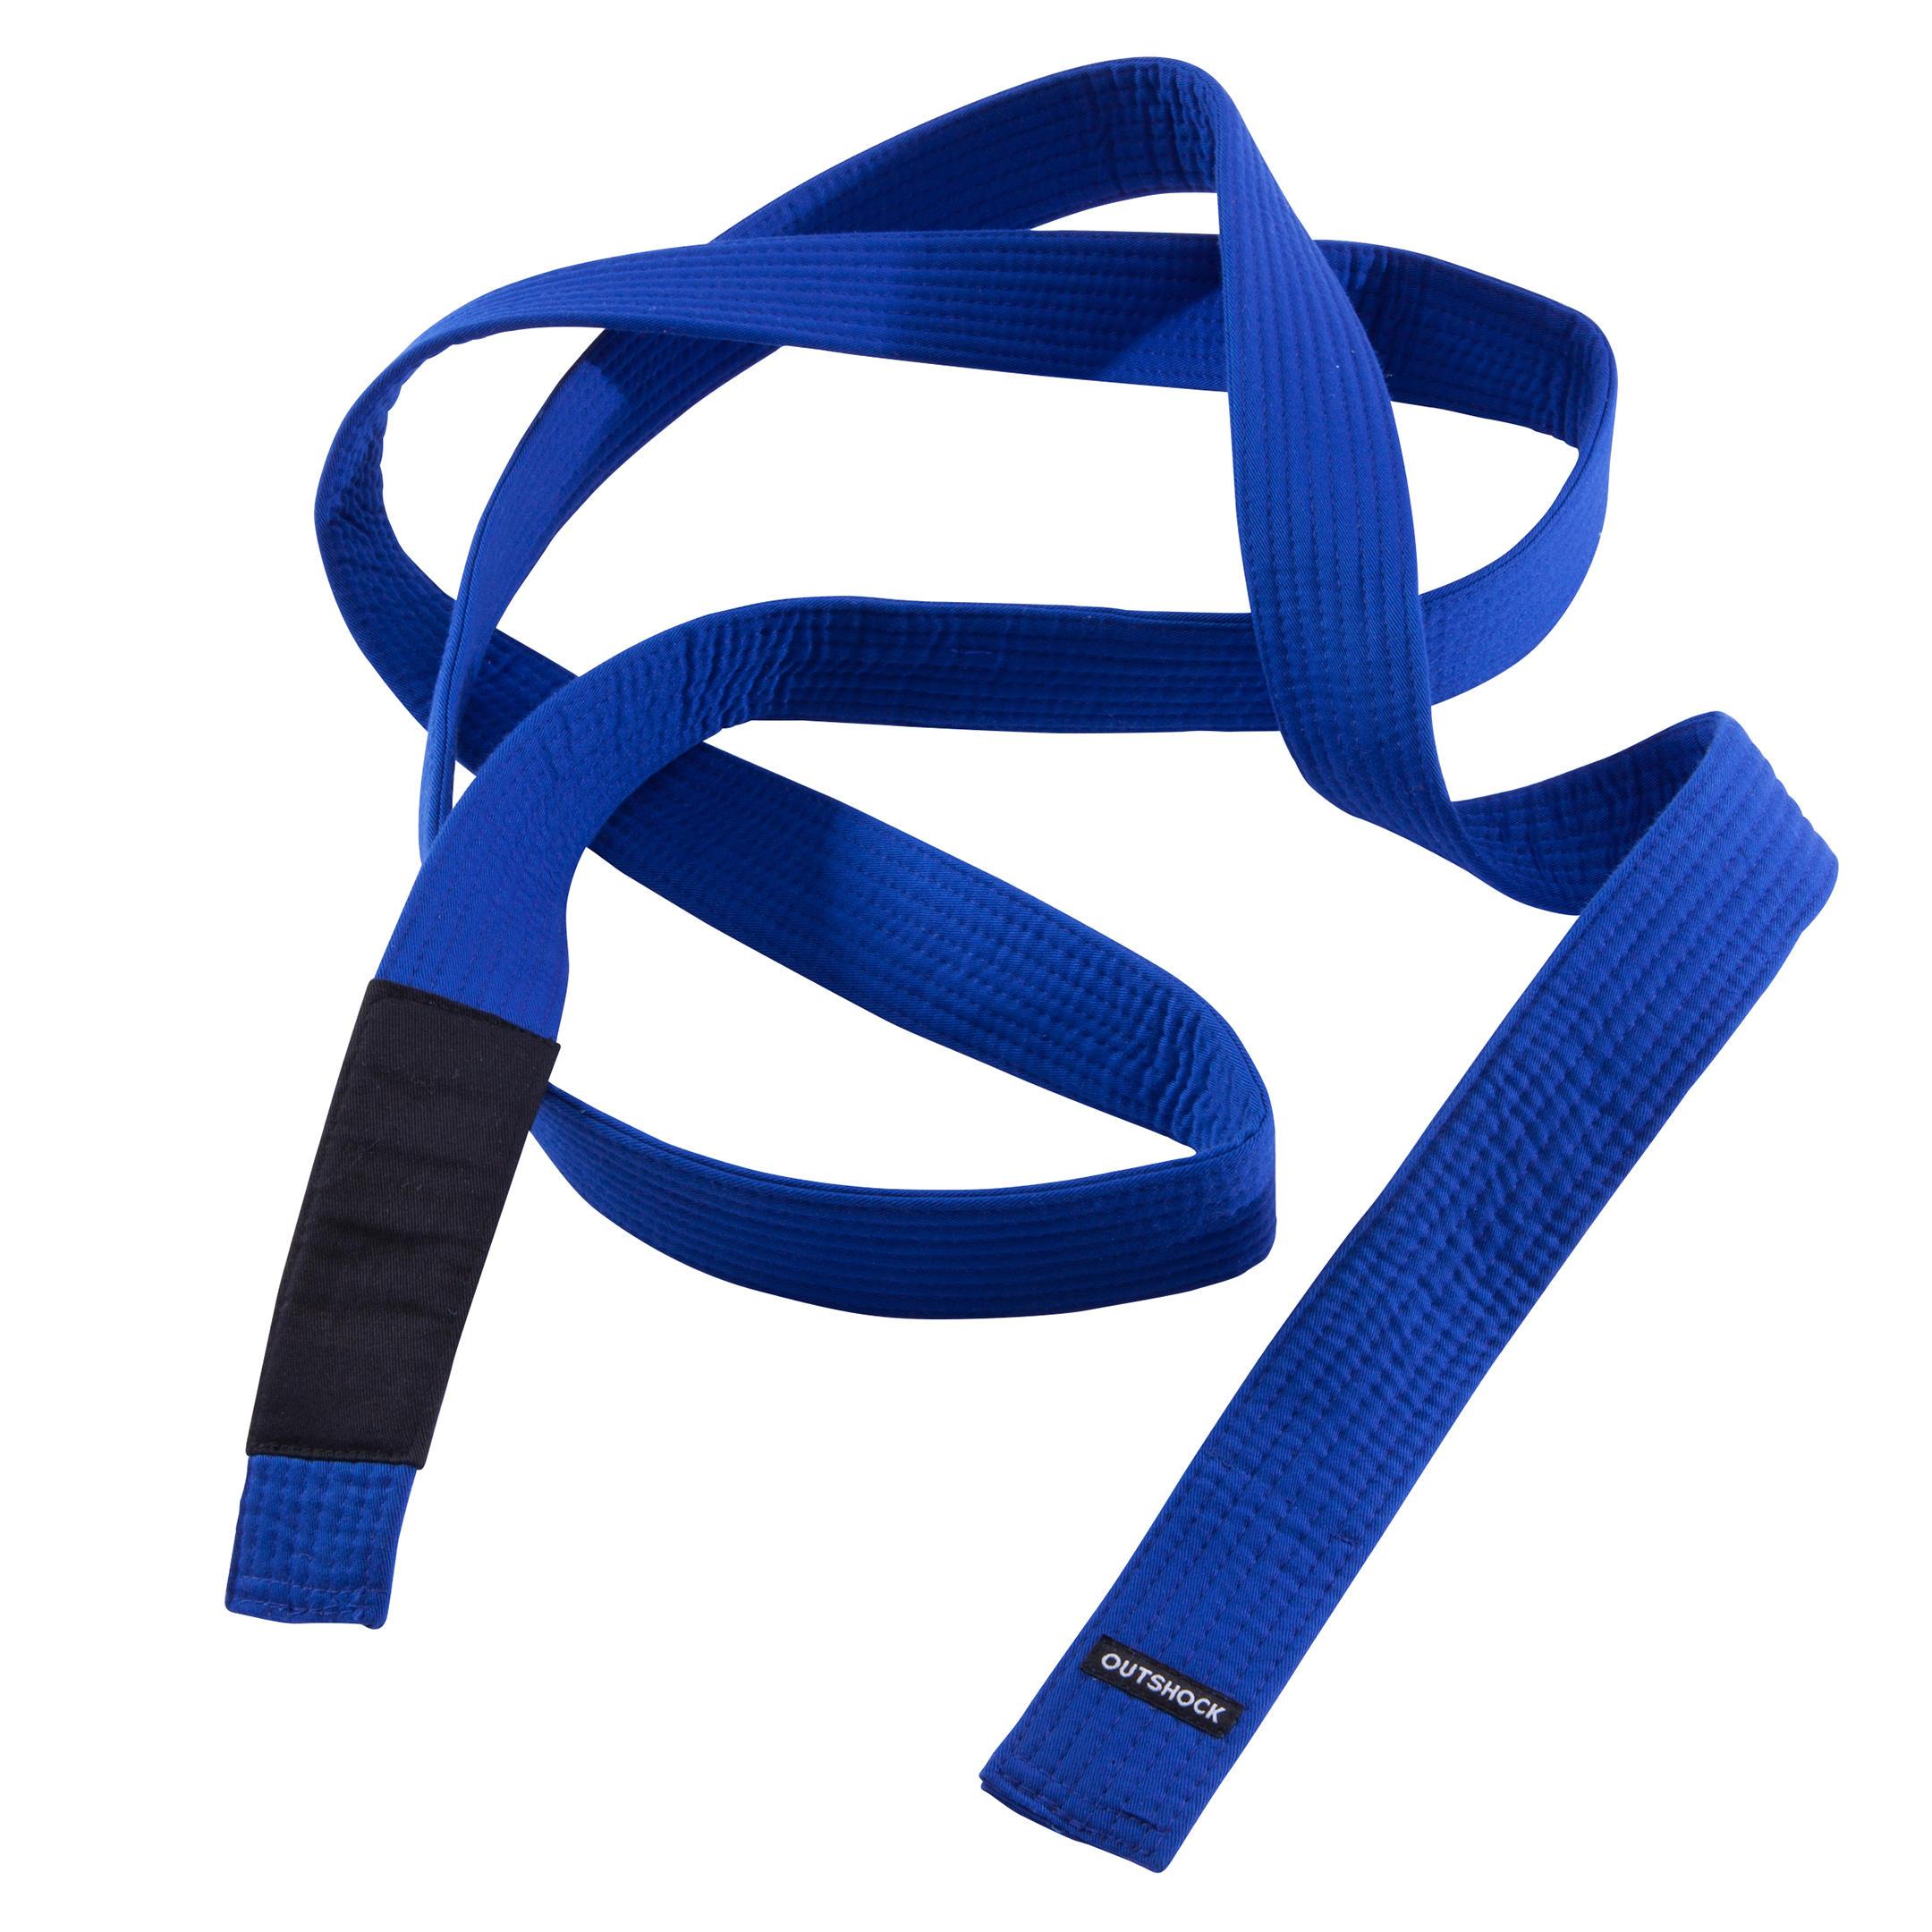 Jiu-Jitsu banden kopen met voordeel